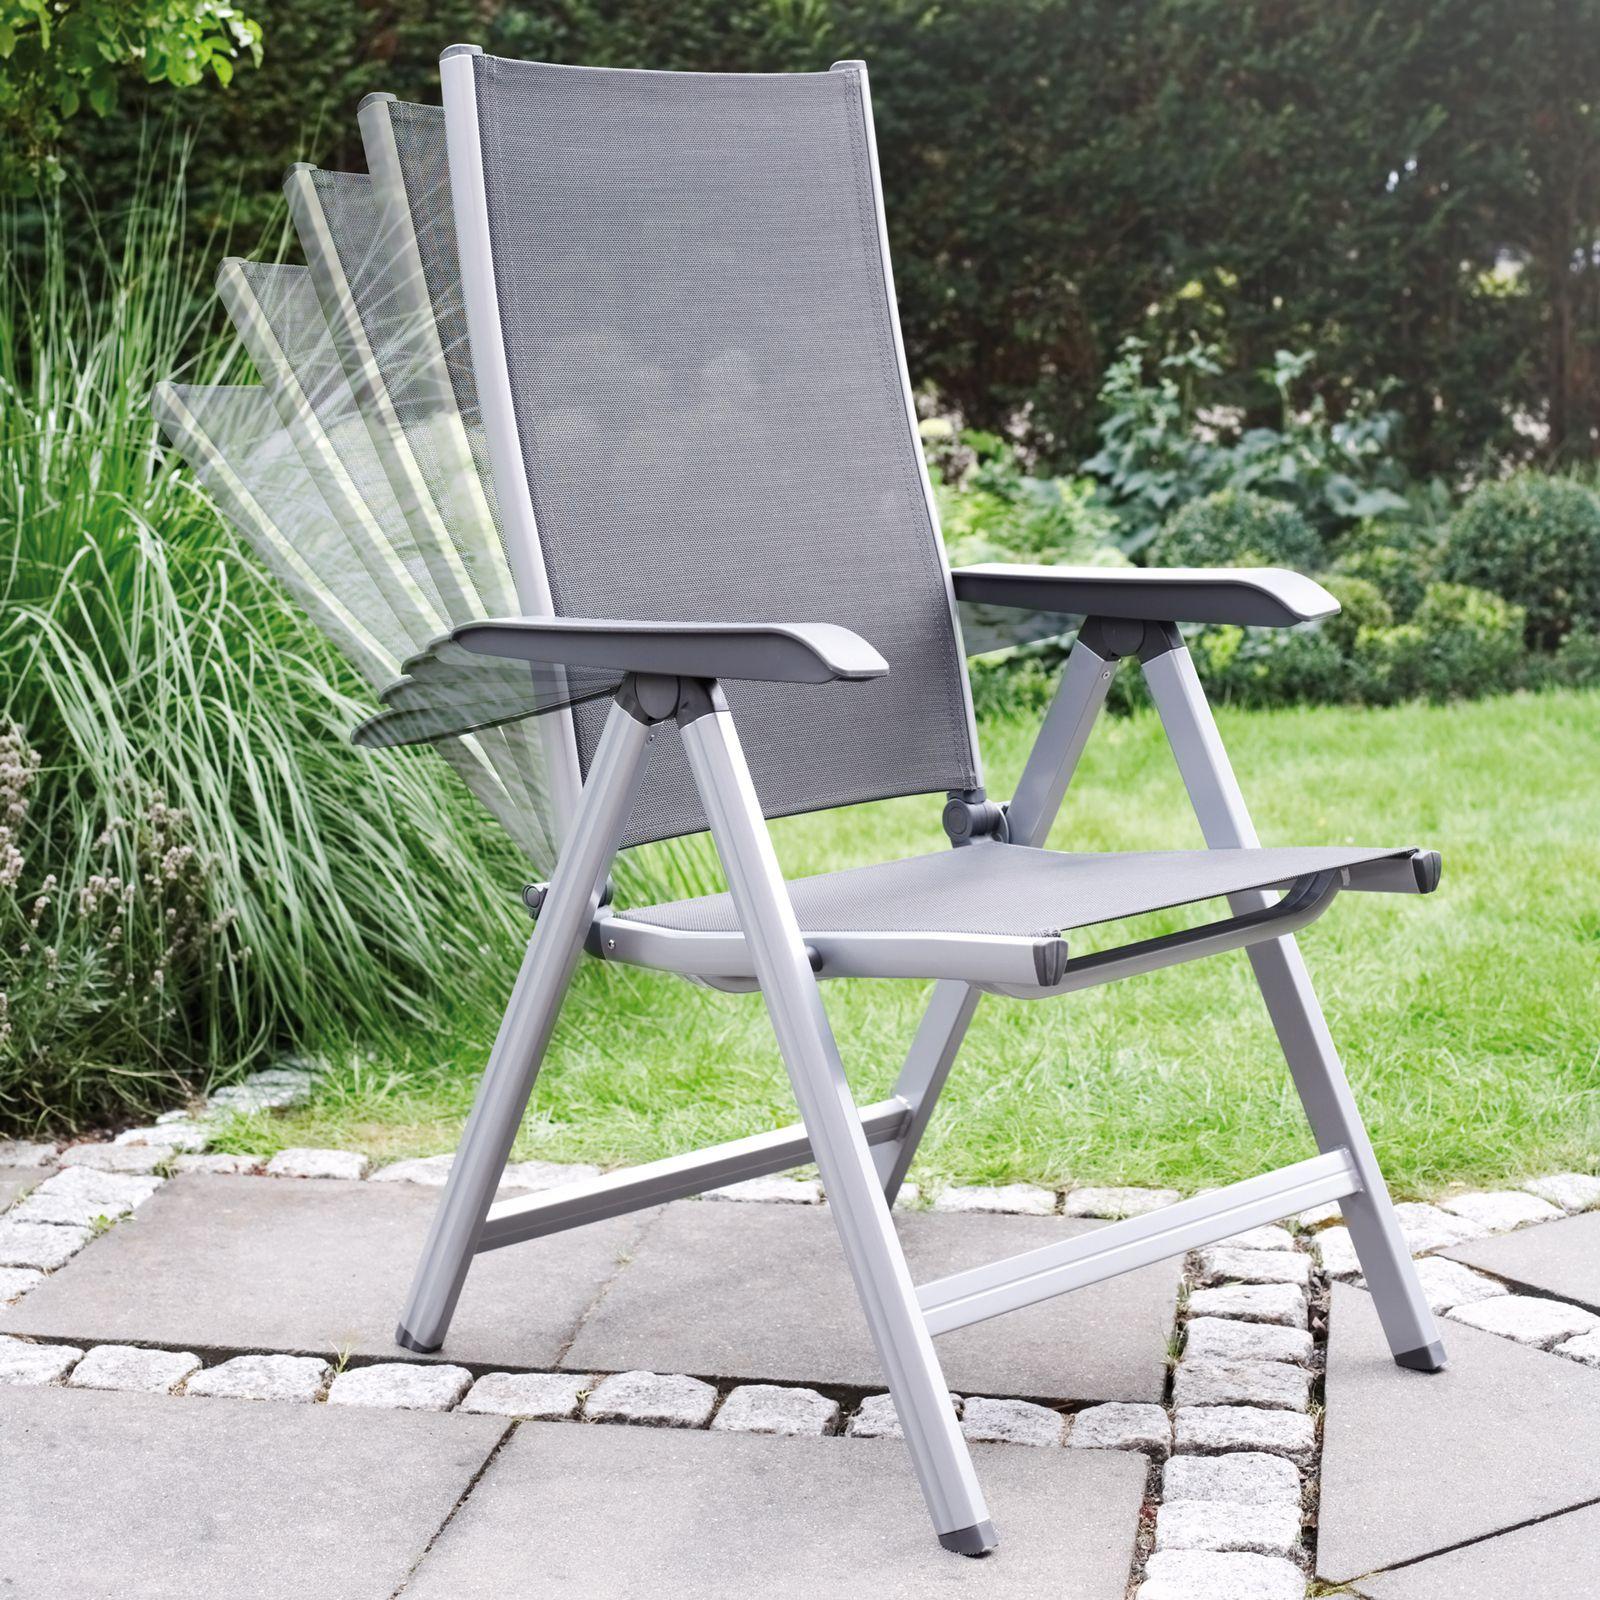 Krzesło wielopozycyjne Basic Plus srebrno-antracytowy KETTLER